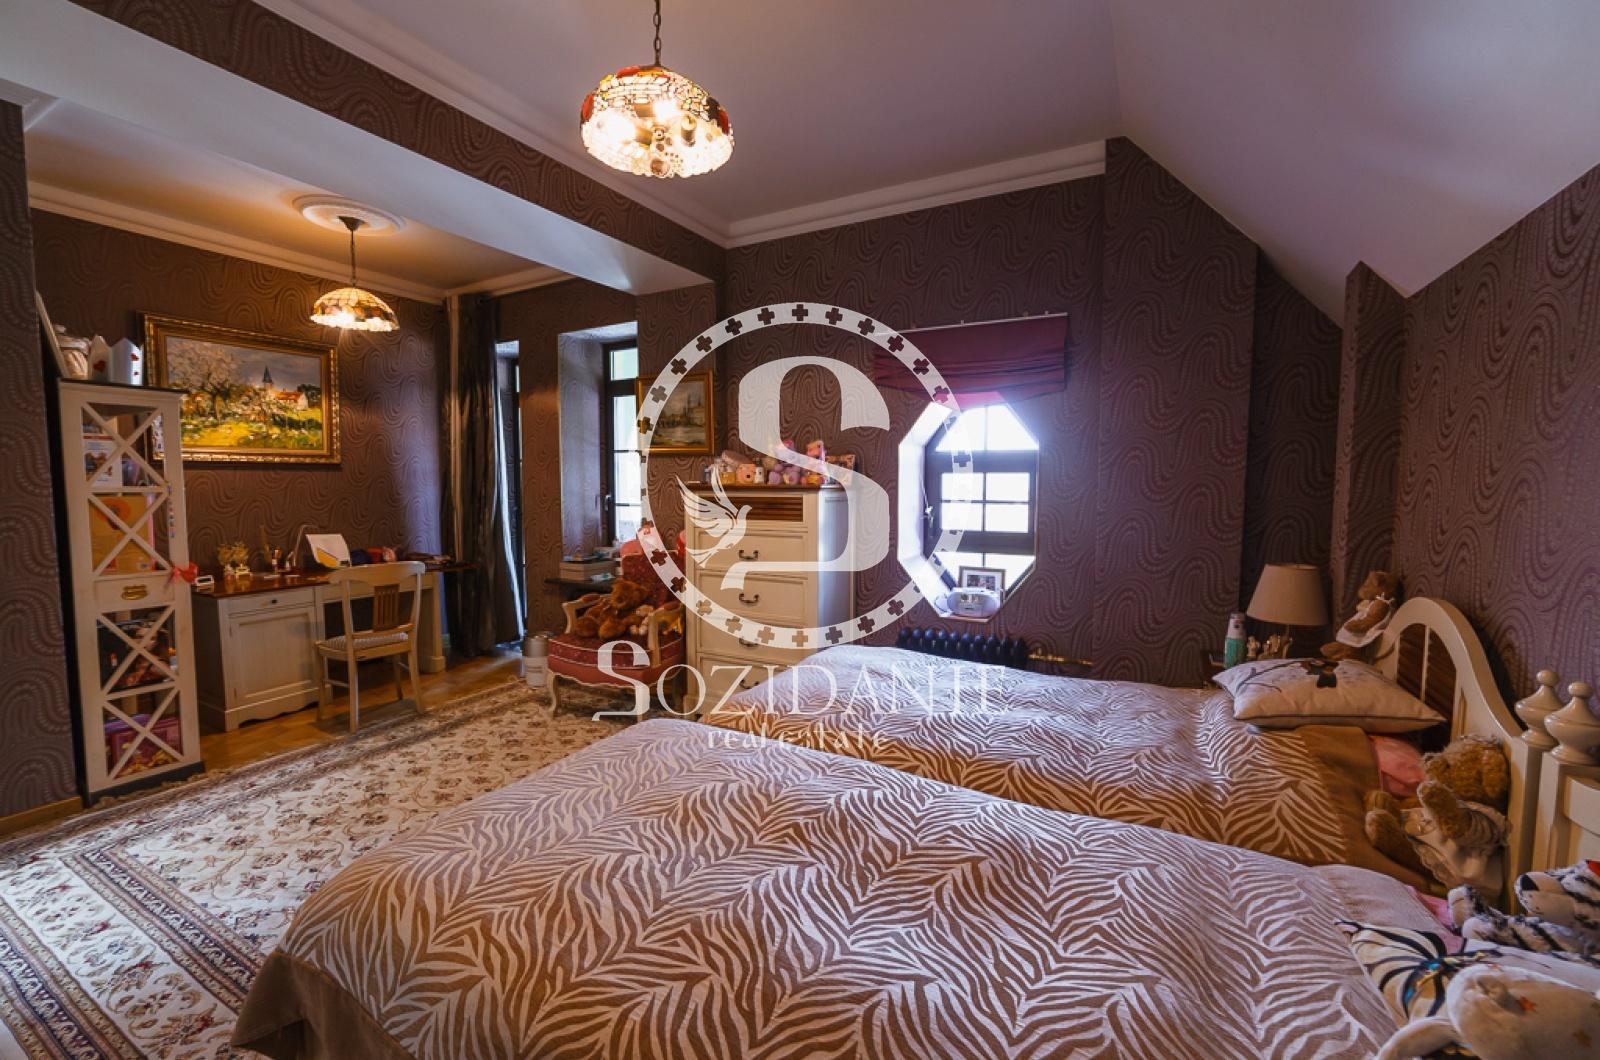 5 Bedrooms, Загородная, Аренда, Listing ID 1104, Московская область, Россия,